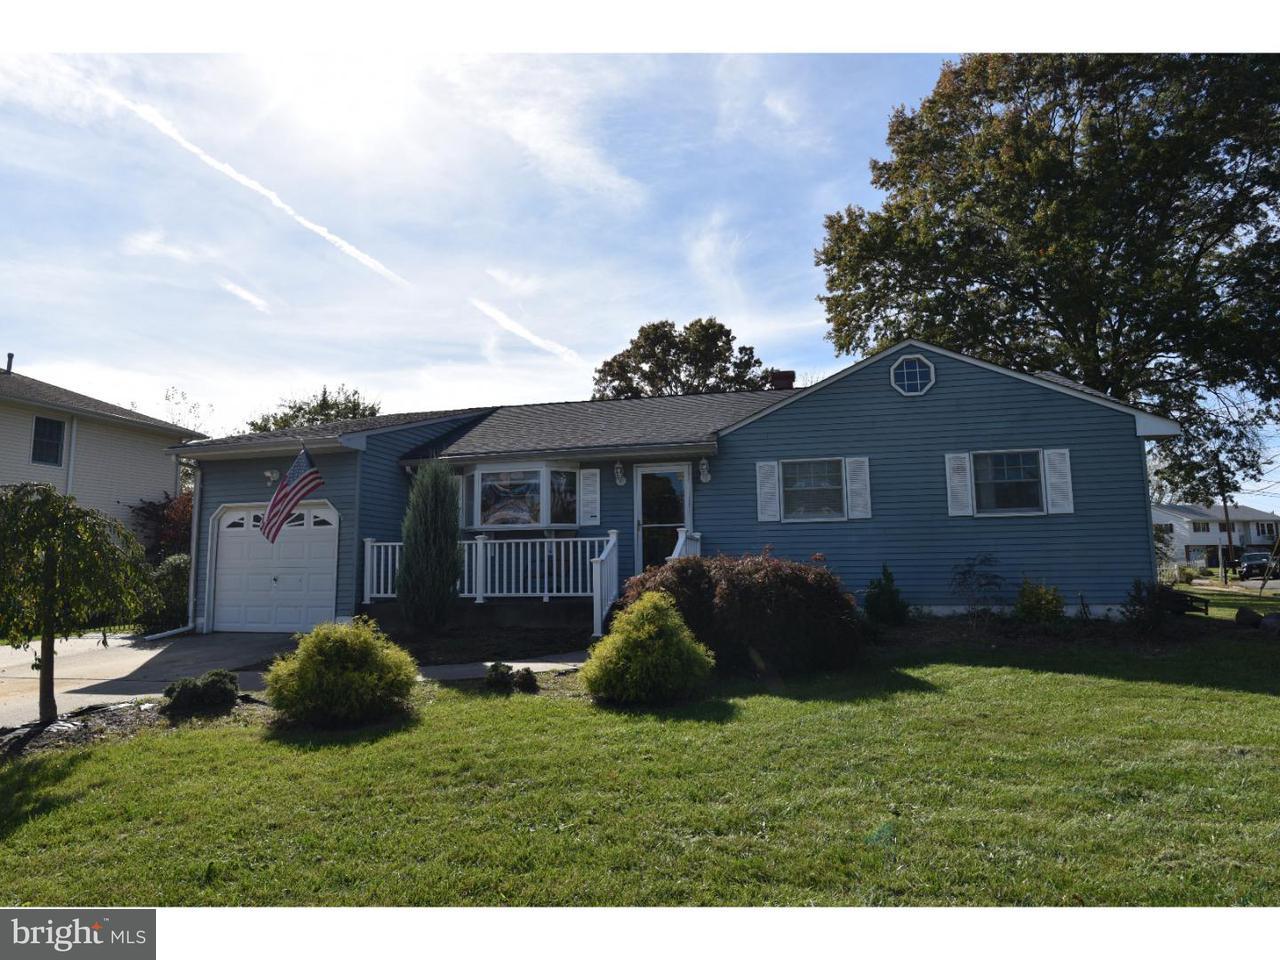 Casa Unifamiliar por un Venta en 1041 ESTATES BLVD Hamilton Square, Nueva Jersey 08690 Estados UnidosEn/Alrededor: Hamilton Township